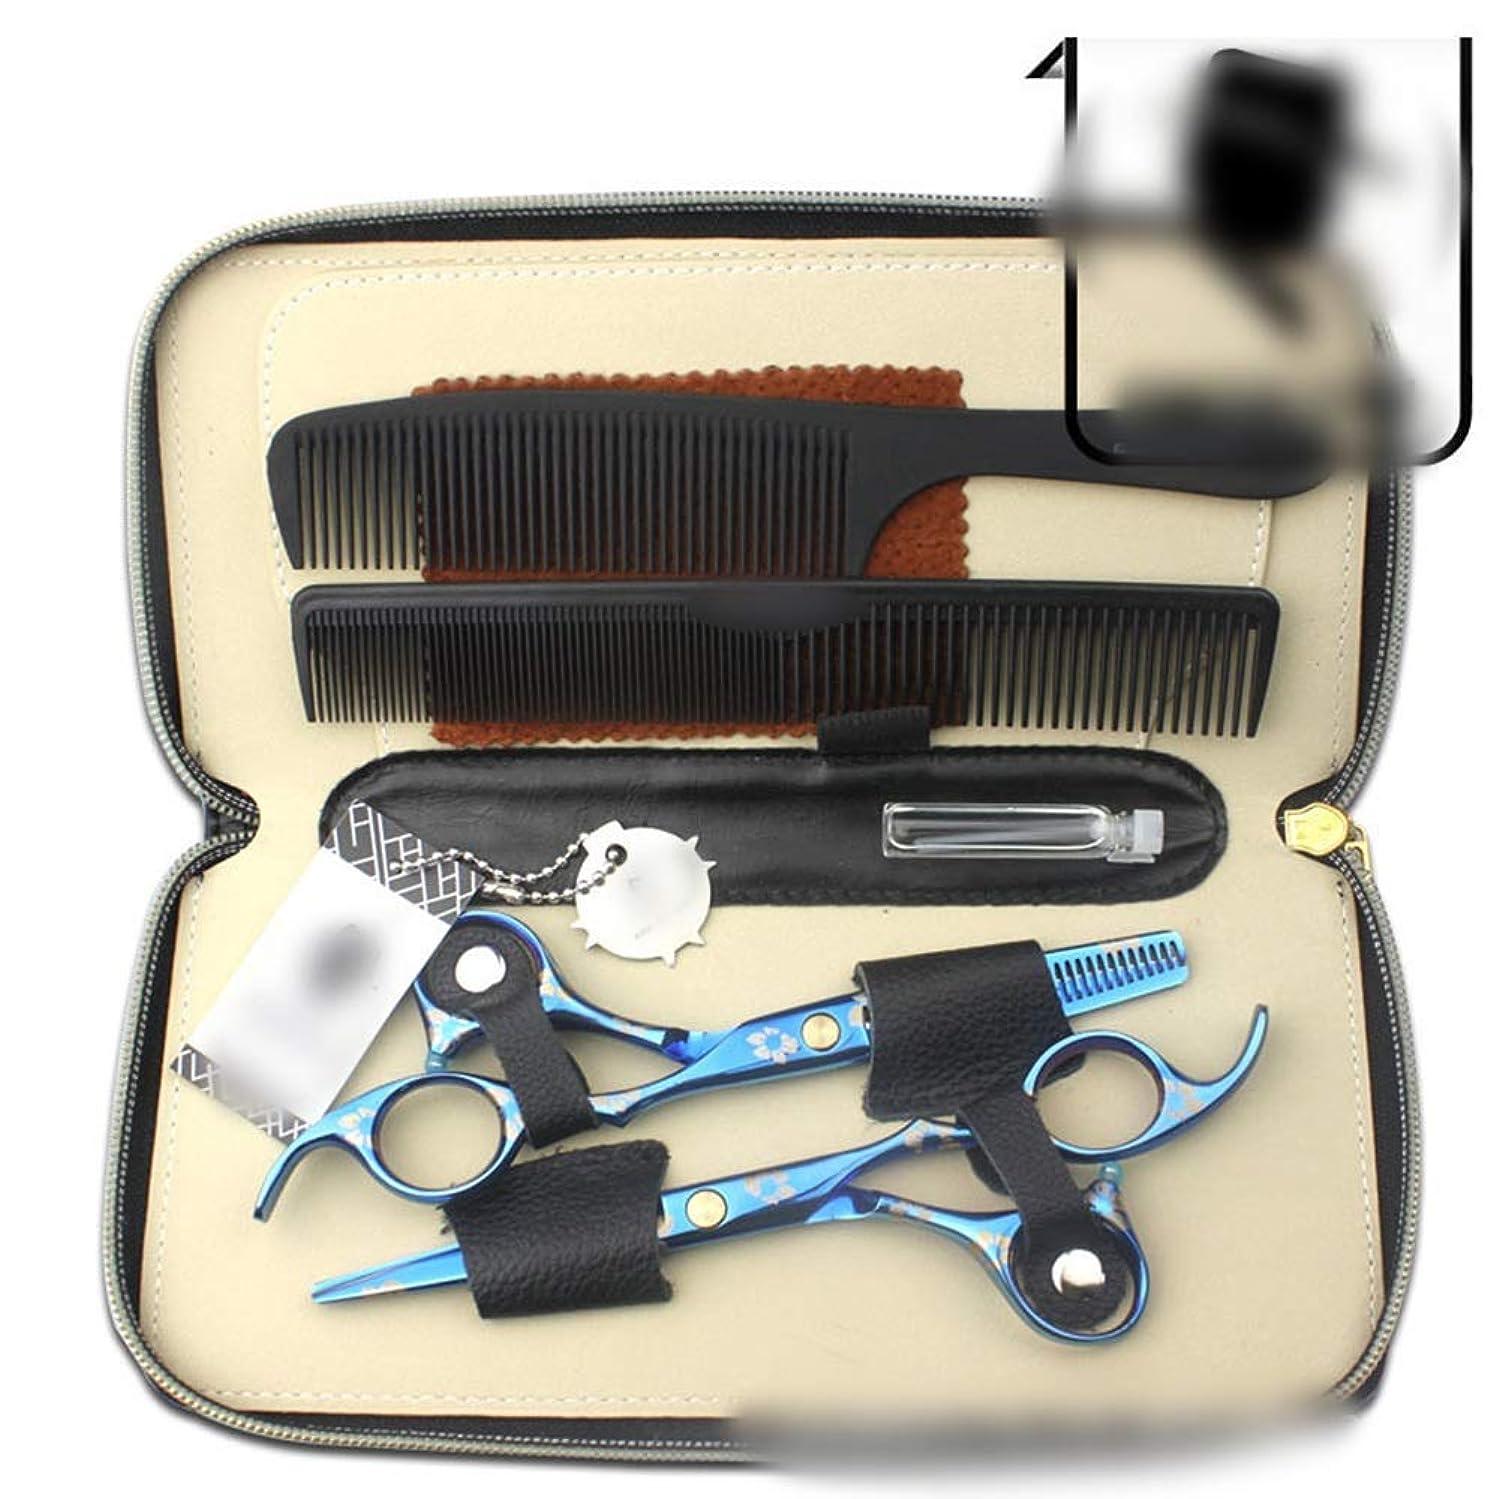 不足物足りないテーブル理髪用はさみ 6.0インチヘアカラーはさみセット、ブルーチェリープロフェッショナル理髪ツールヘアカット鋏ステンレス理髪はさみ (色 : 青)